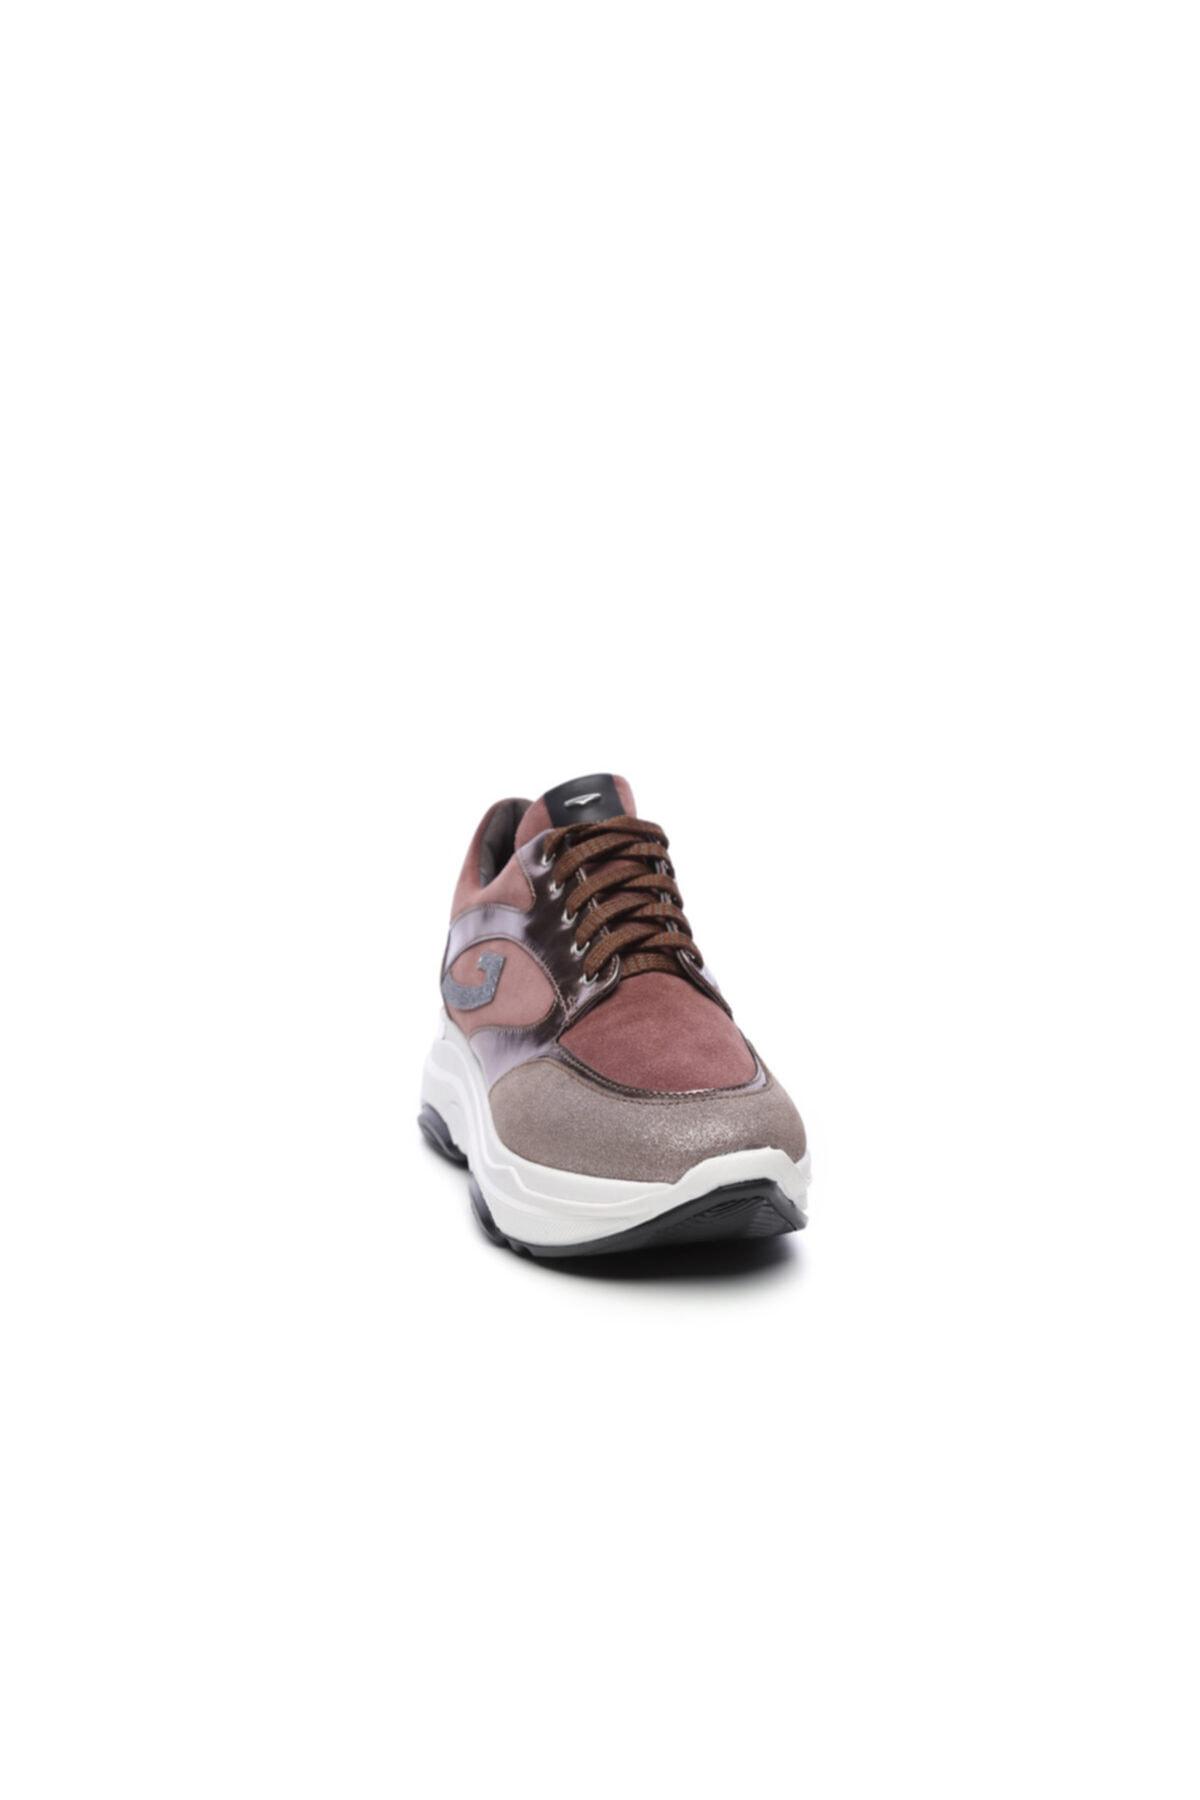 ALBERTO GUARDIANI Kadın Derı Spor Ayakkabı 685 61465c Bn Ayk 2